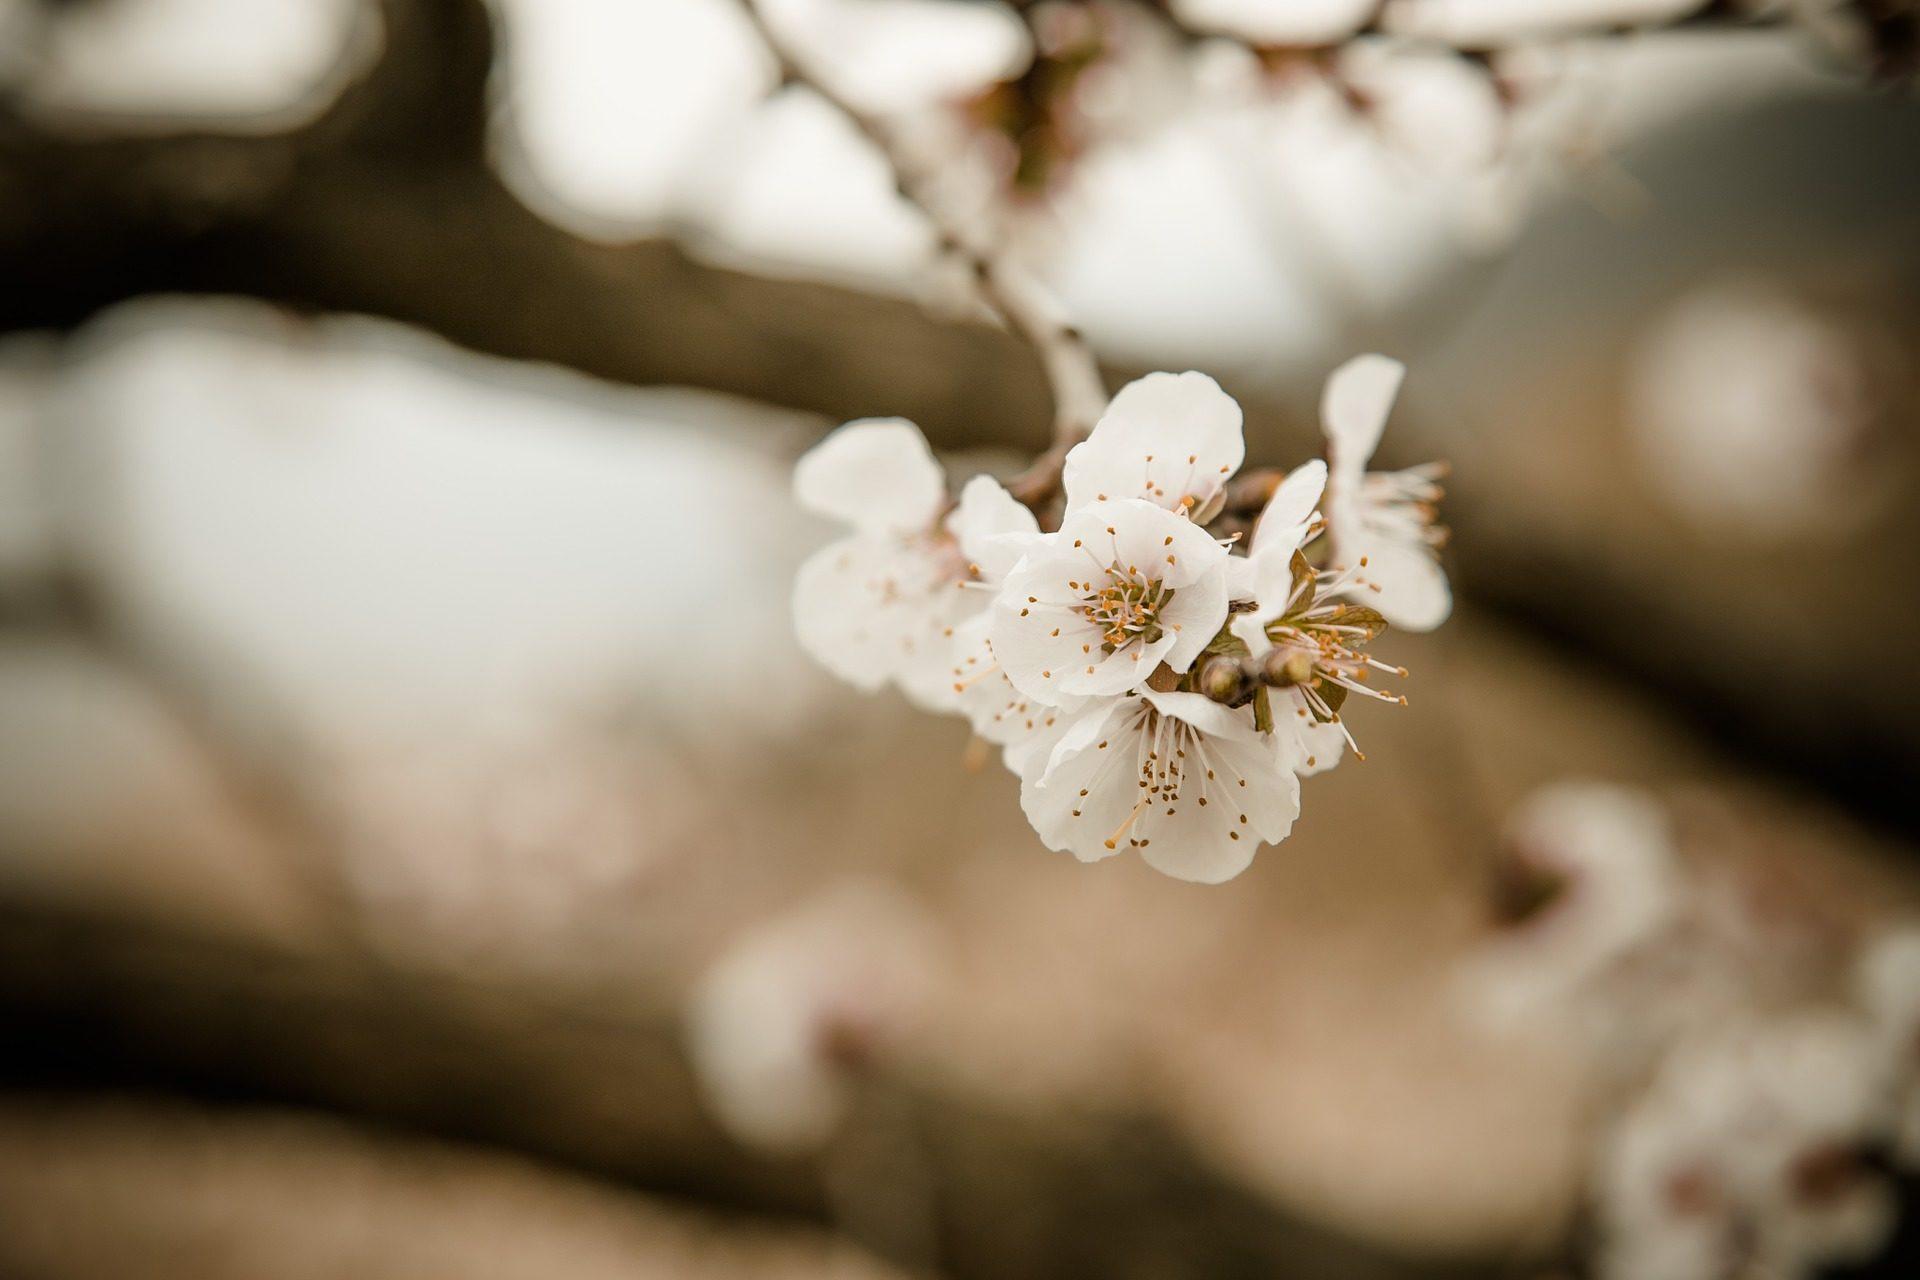 fiori, Floración, Ciliegia, petali di, circa - Sfondi HD - Professor-falken.com